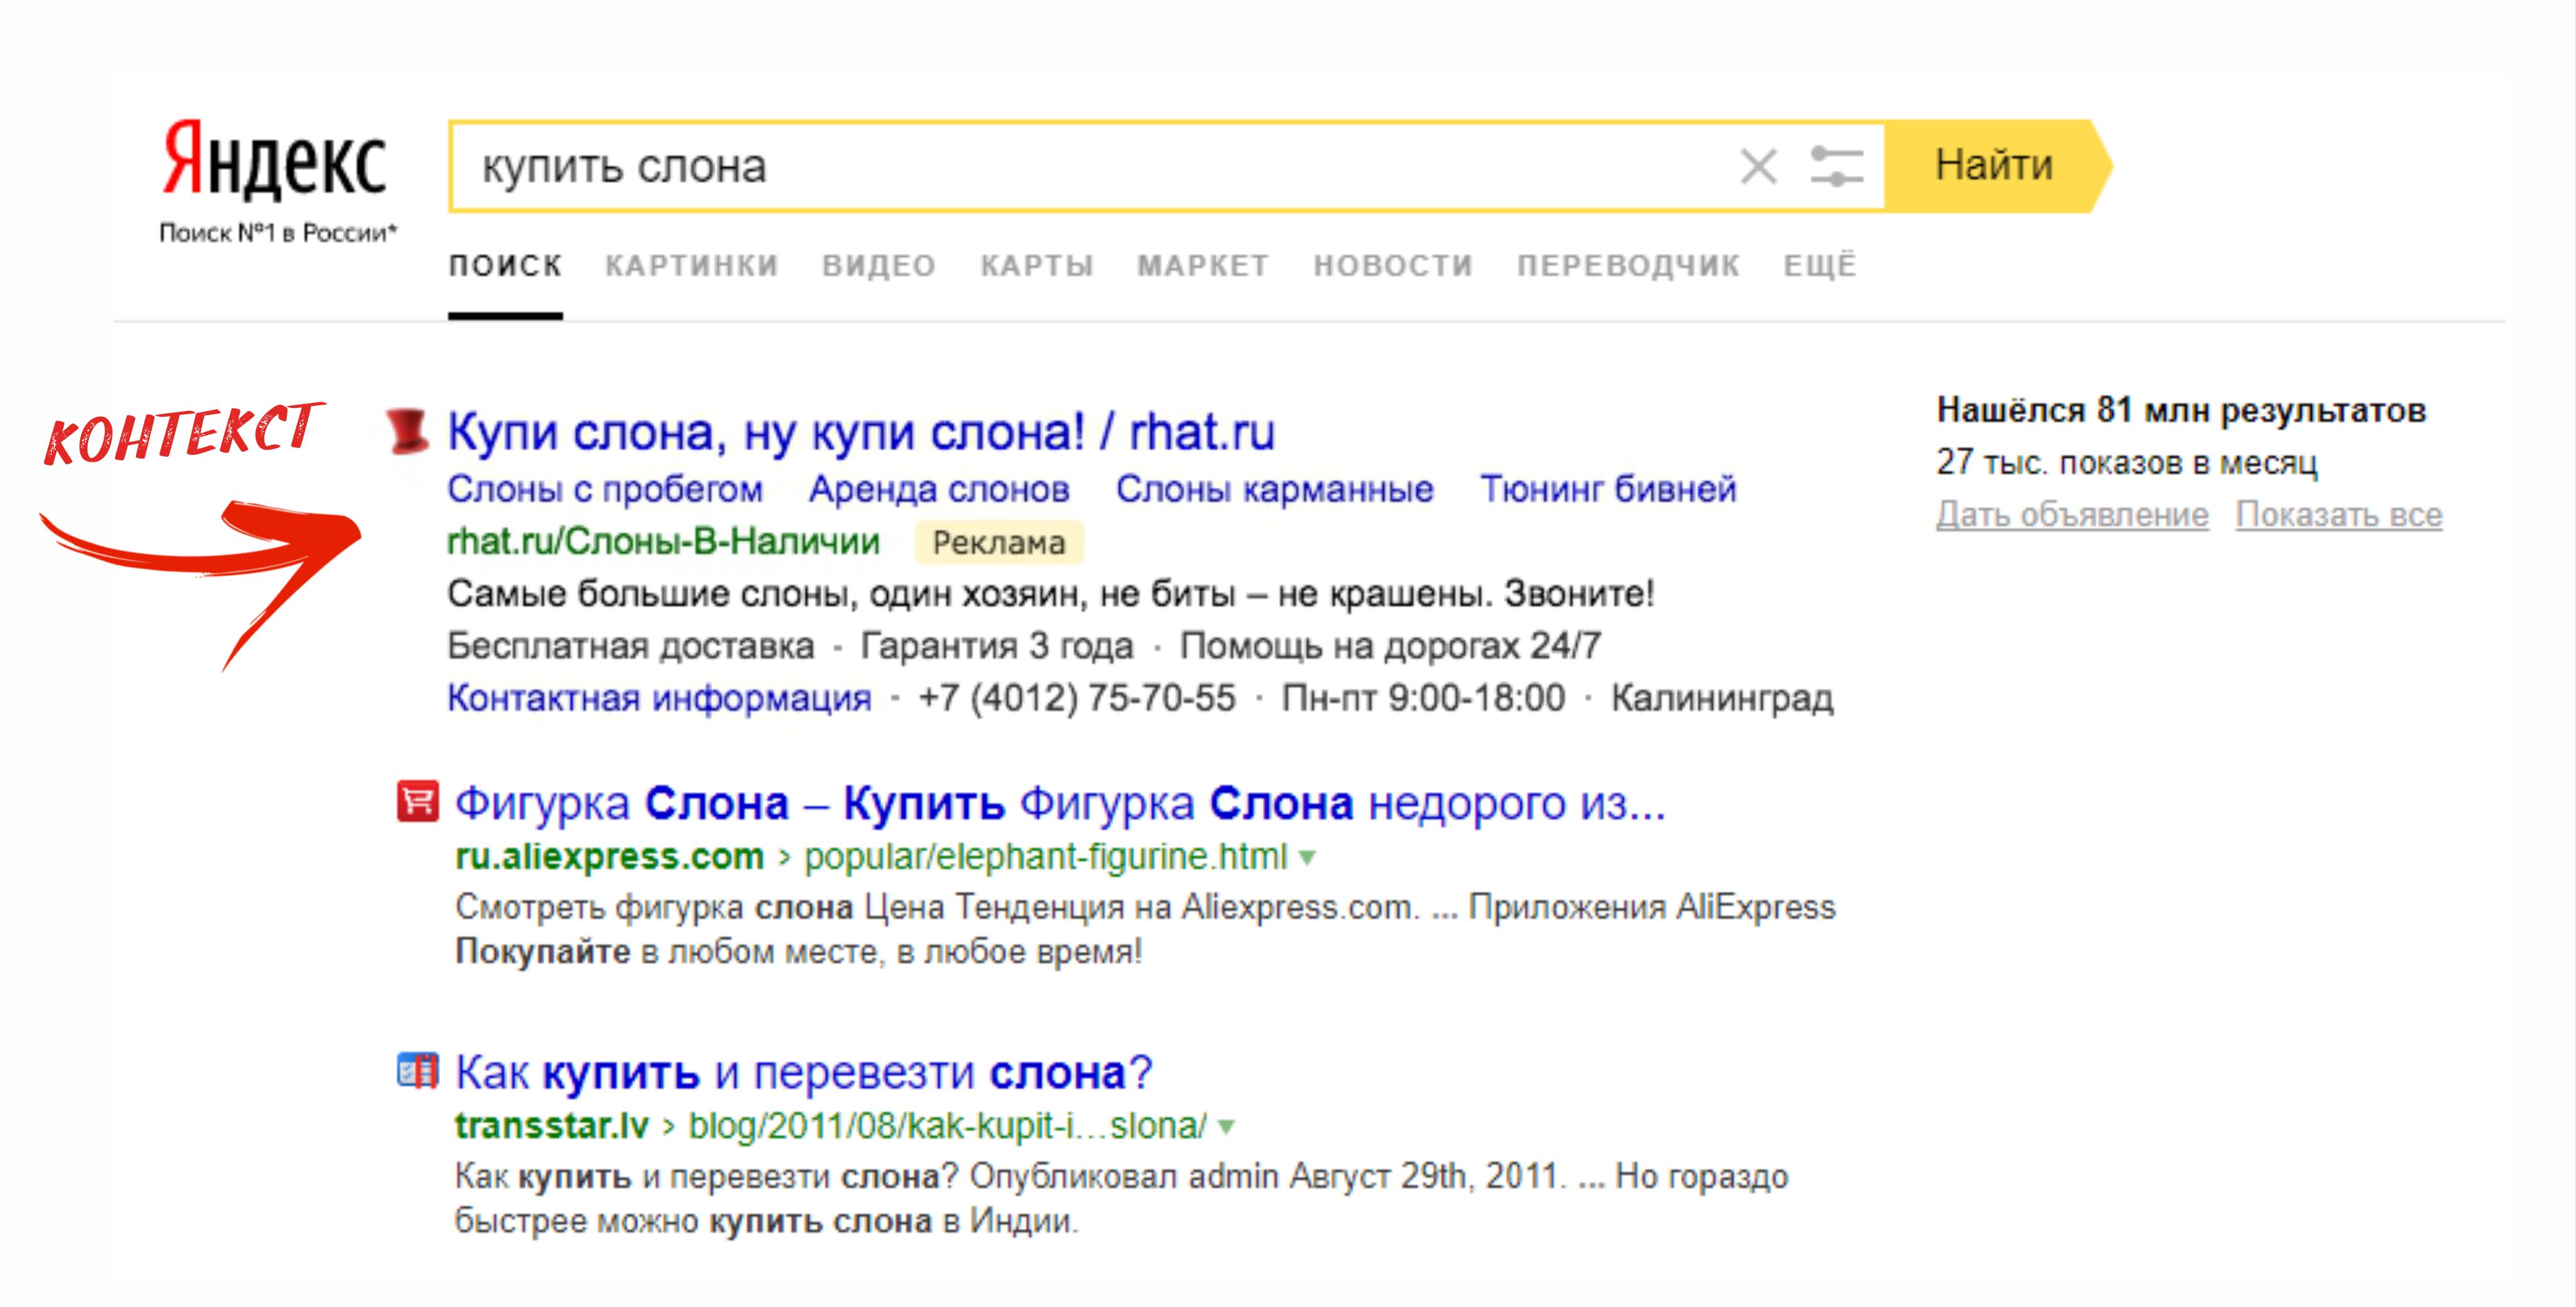 Блог услуги реклама в яндекс-директ 3500 бесплатная реклама вашего сайта